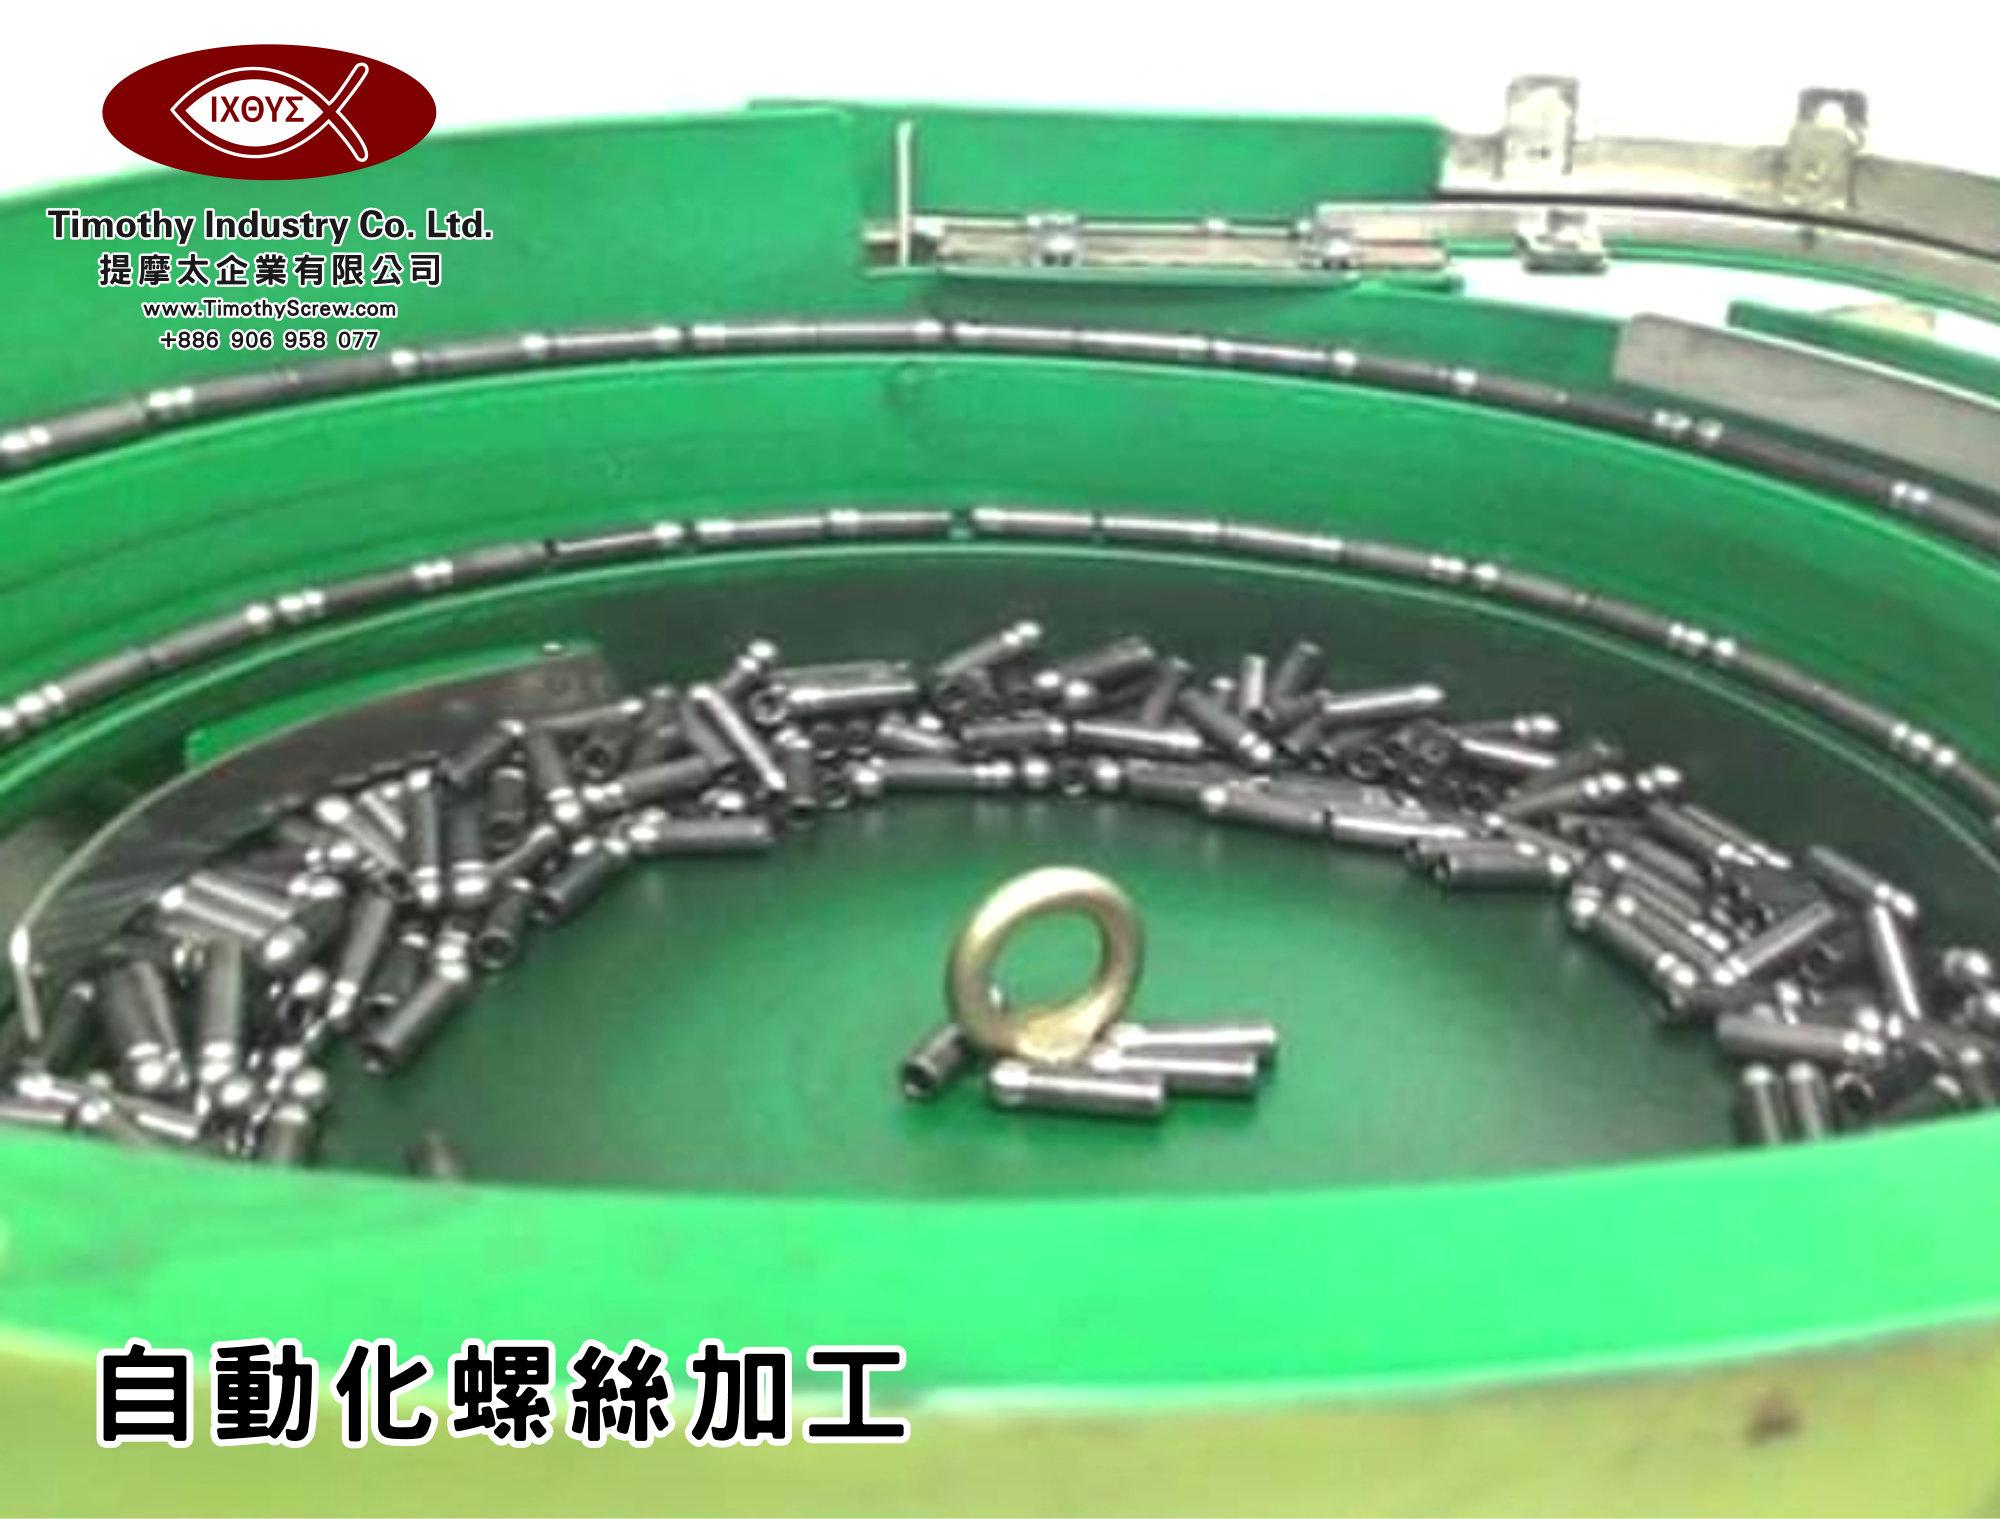 提摩太企業有限公司 Timothy Industry Co Ltd 自動化螺絲加工 車床部 銑床部 台灣自動化螺絲加工 螺絲製造 A02